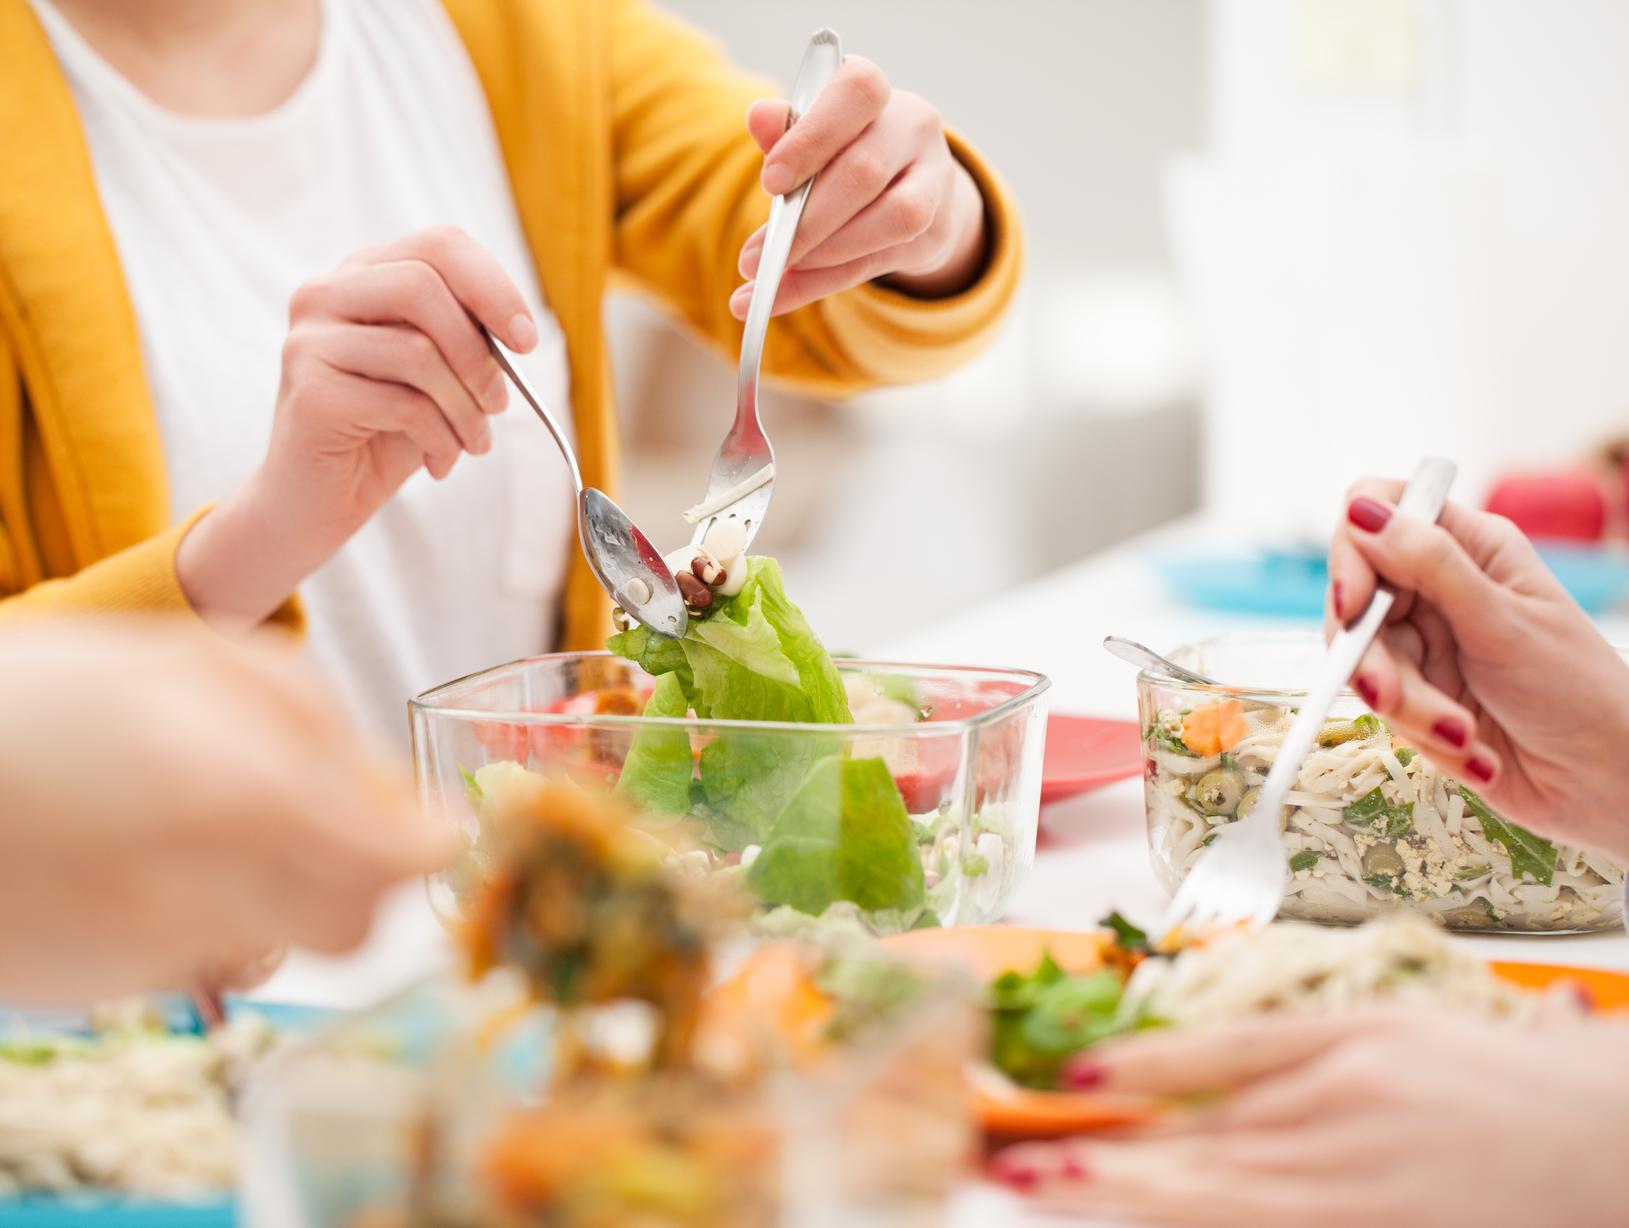 Employee nutrition